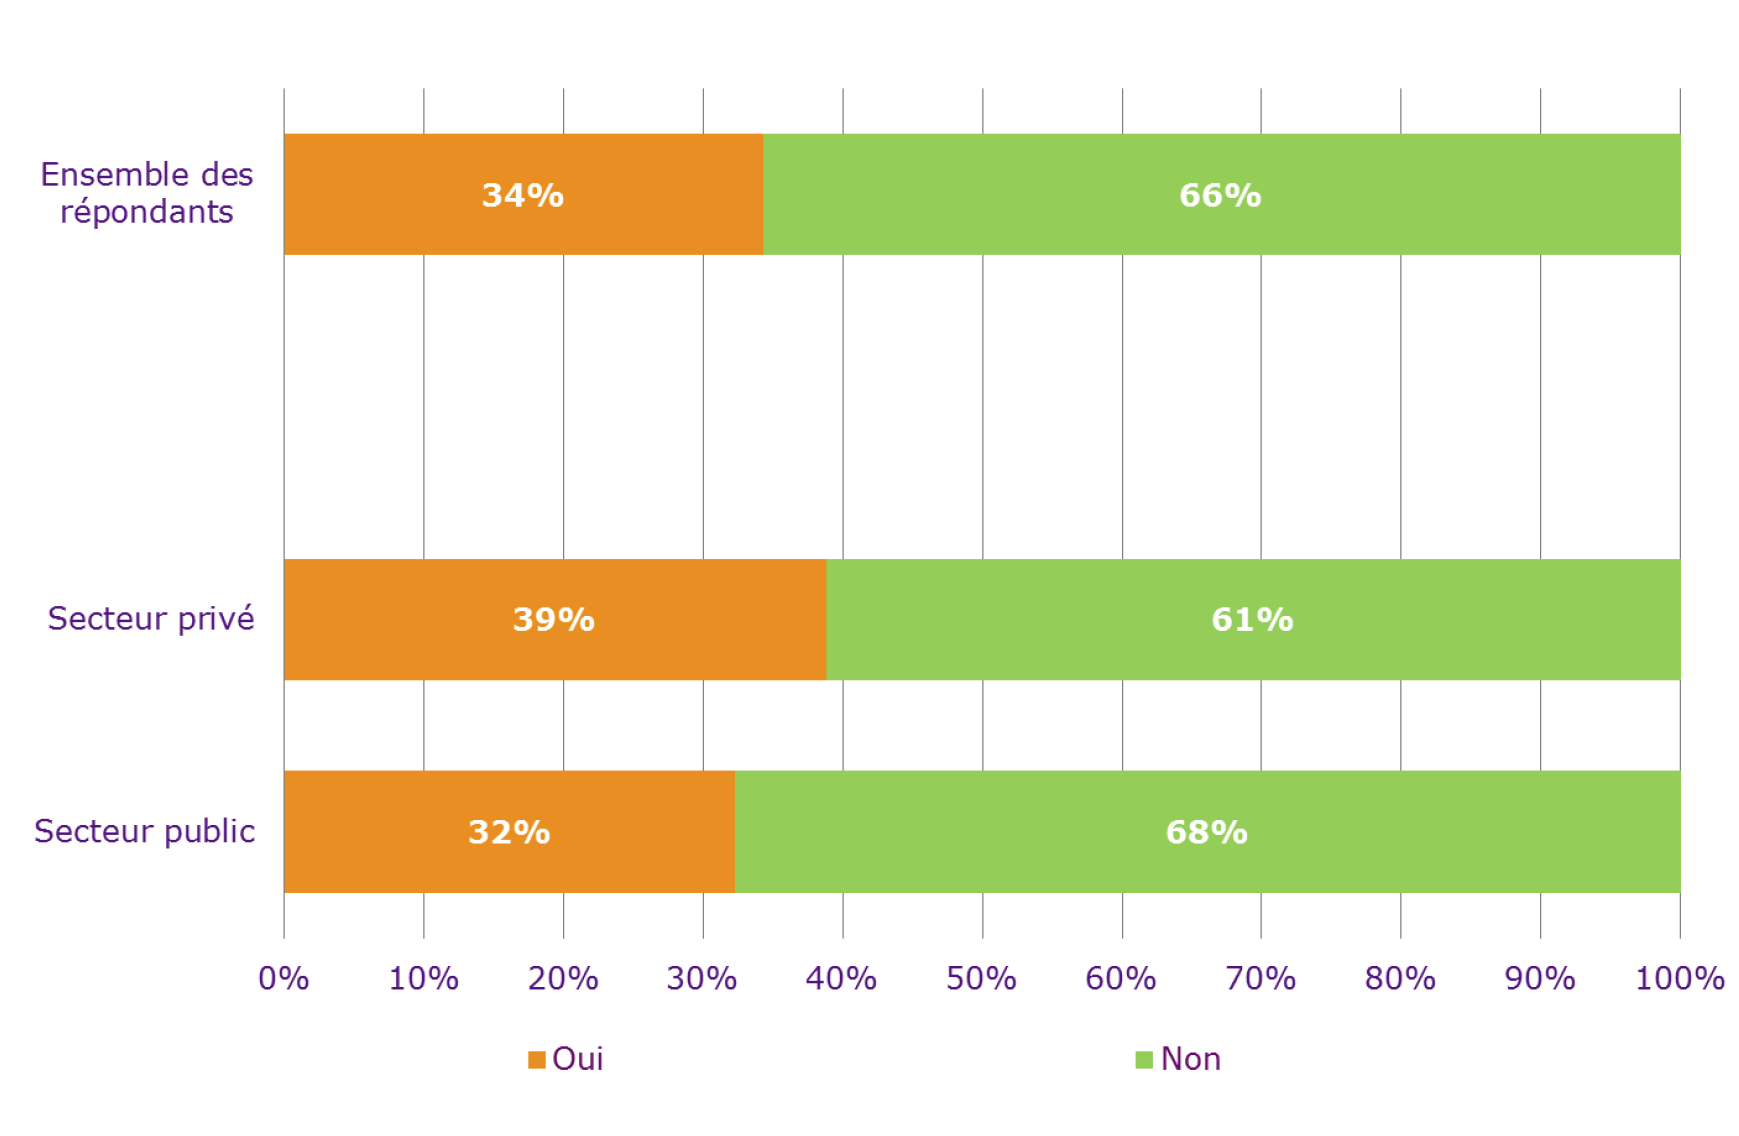 Aller voir ailleurs, changer d'entreprise : la tentation est forte ! Elle est, à 34 %, en augmentation de deux points par rapport à l'enquête de 2011. Elle atteint même 39% dans le secteur privé...